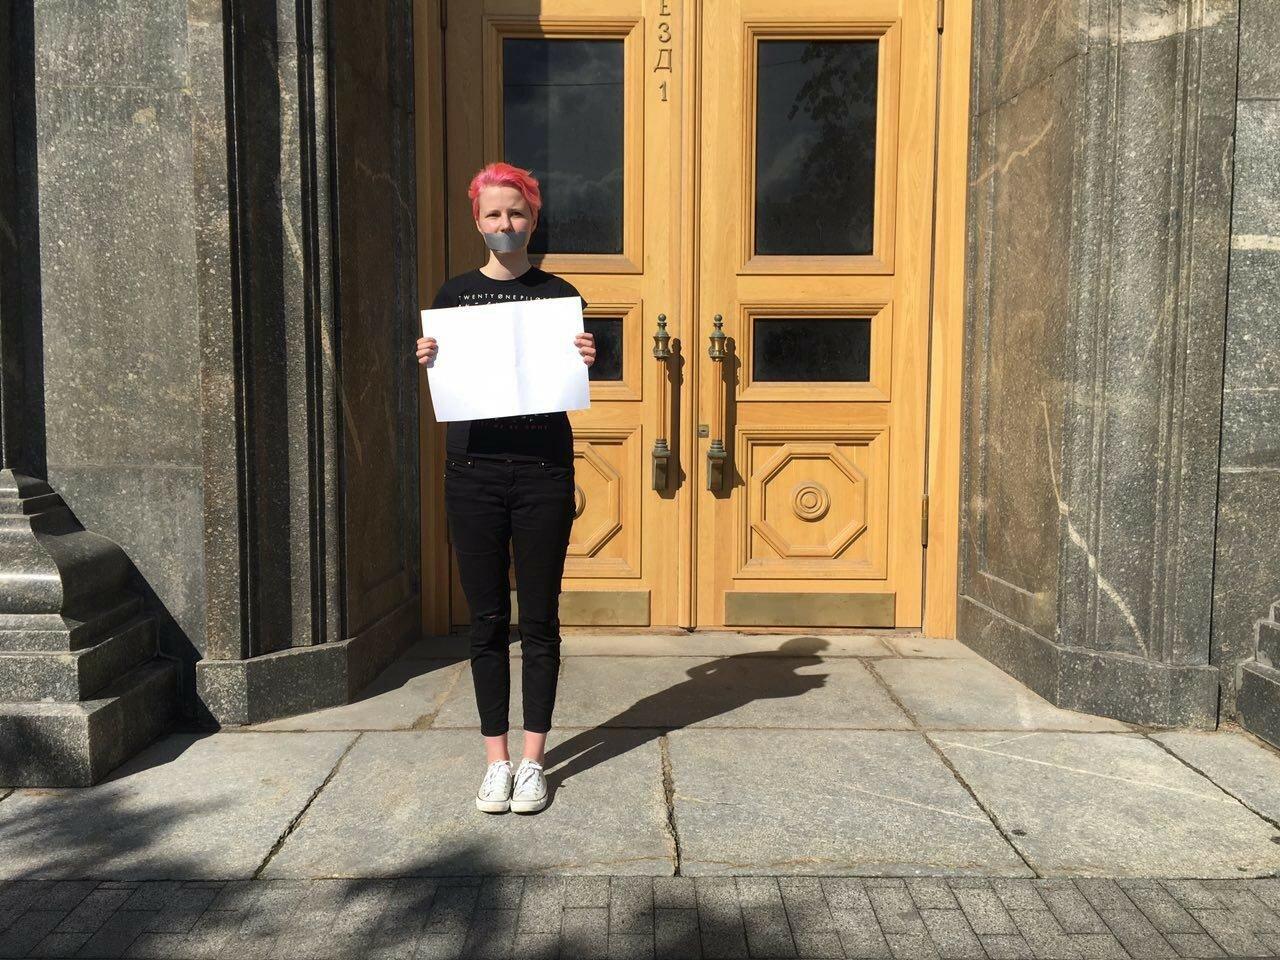 В Москве полиция задержала активистов за чистые листы бумаги